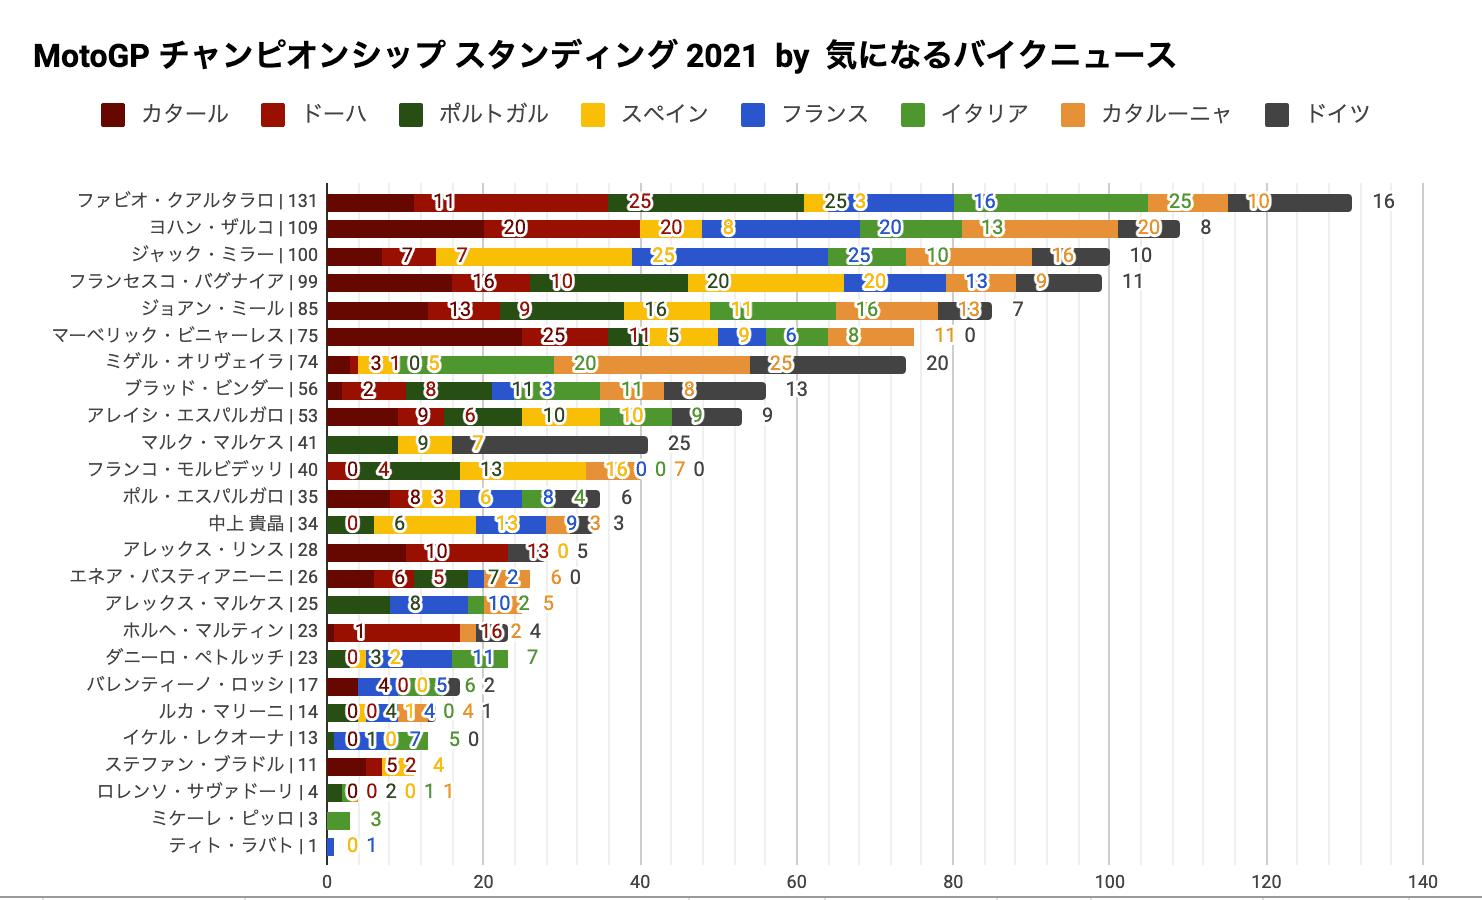 MotoGP2021 チャンピオンシップ スタンディング(第8戦ドイツGP終了時点)